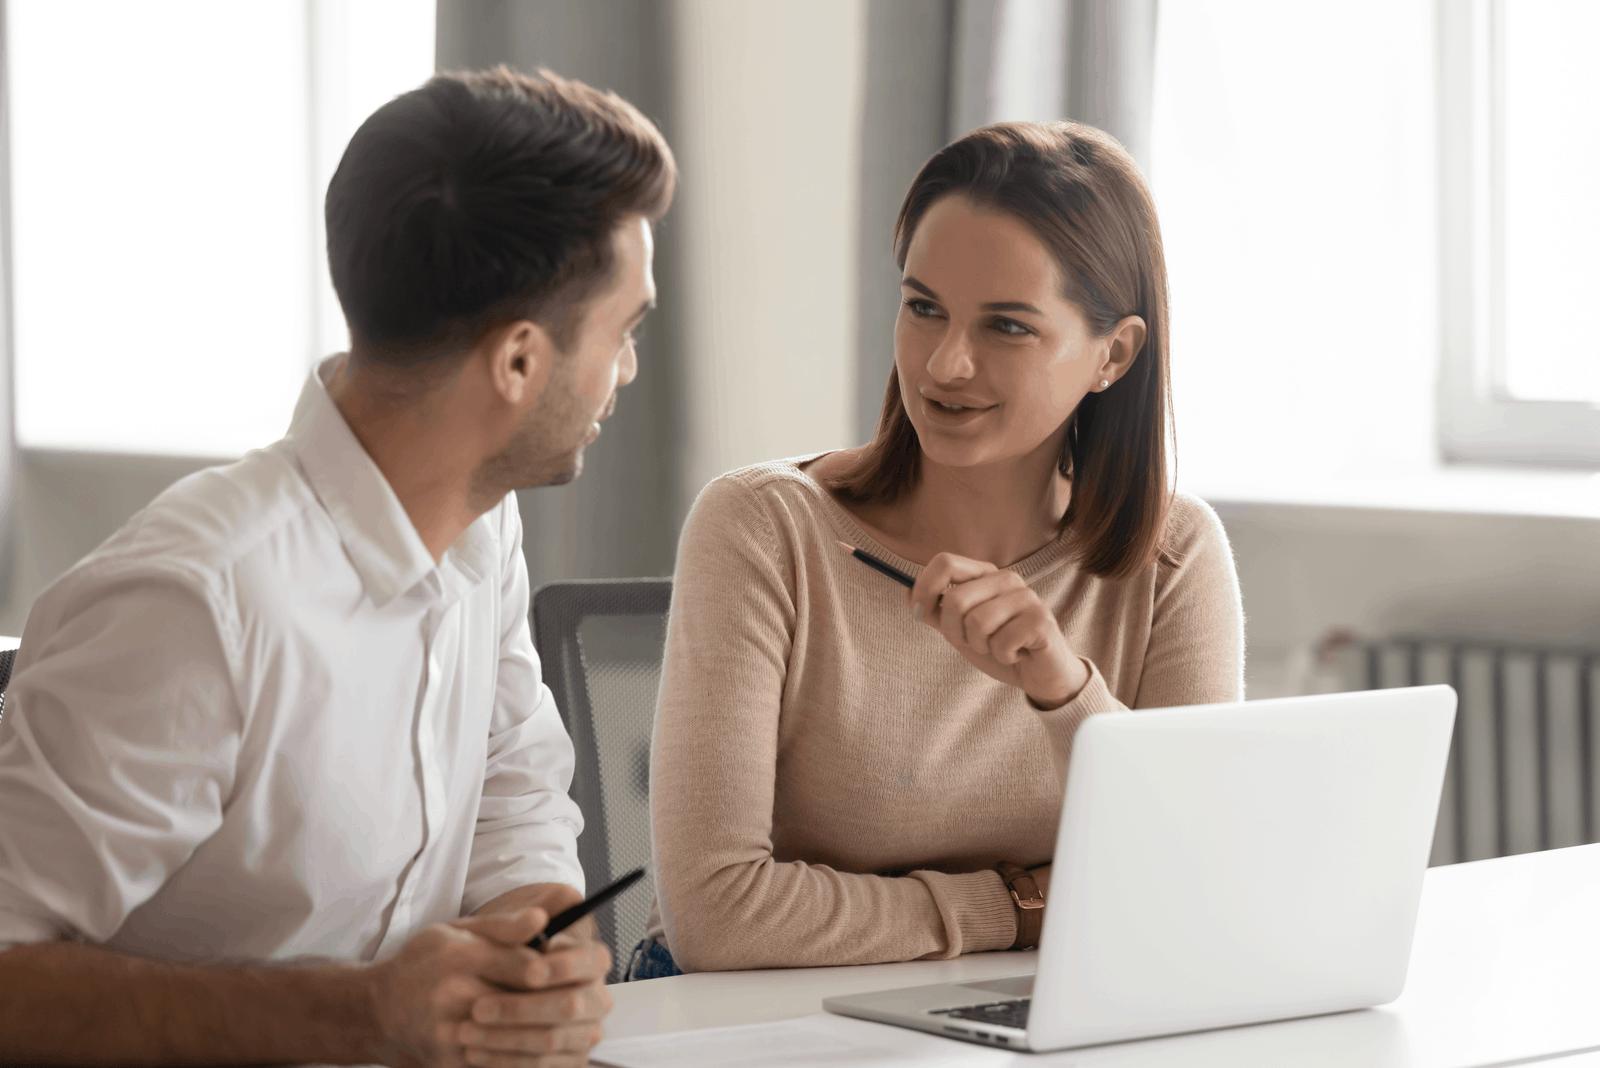 un homme et une femme parlant assis devant un ordinateur portable